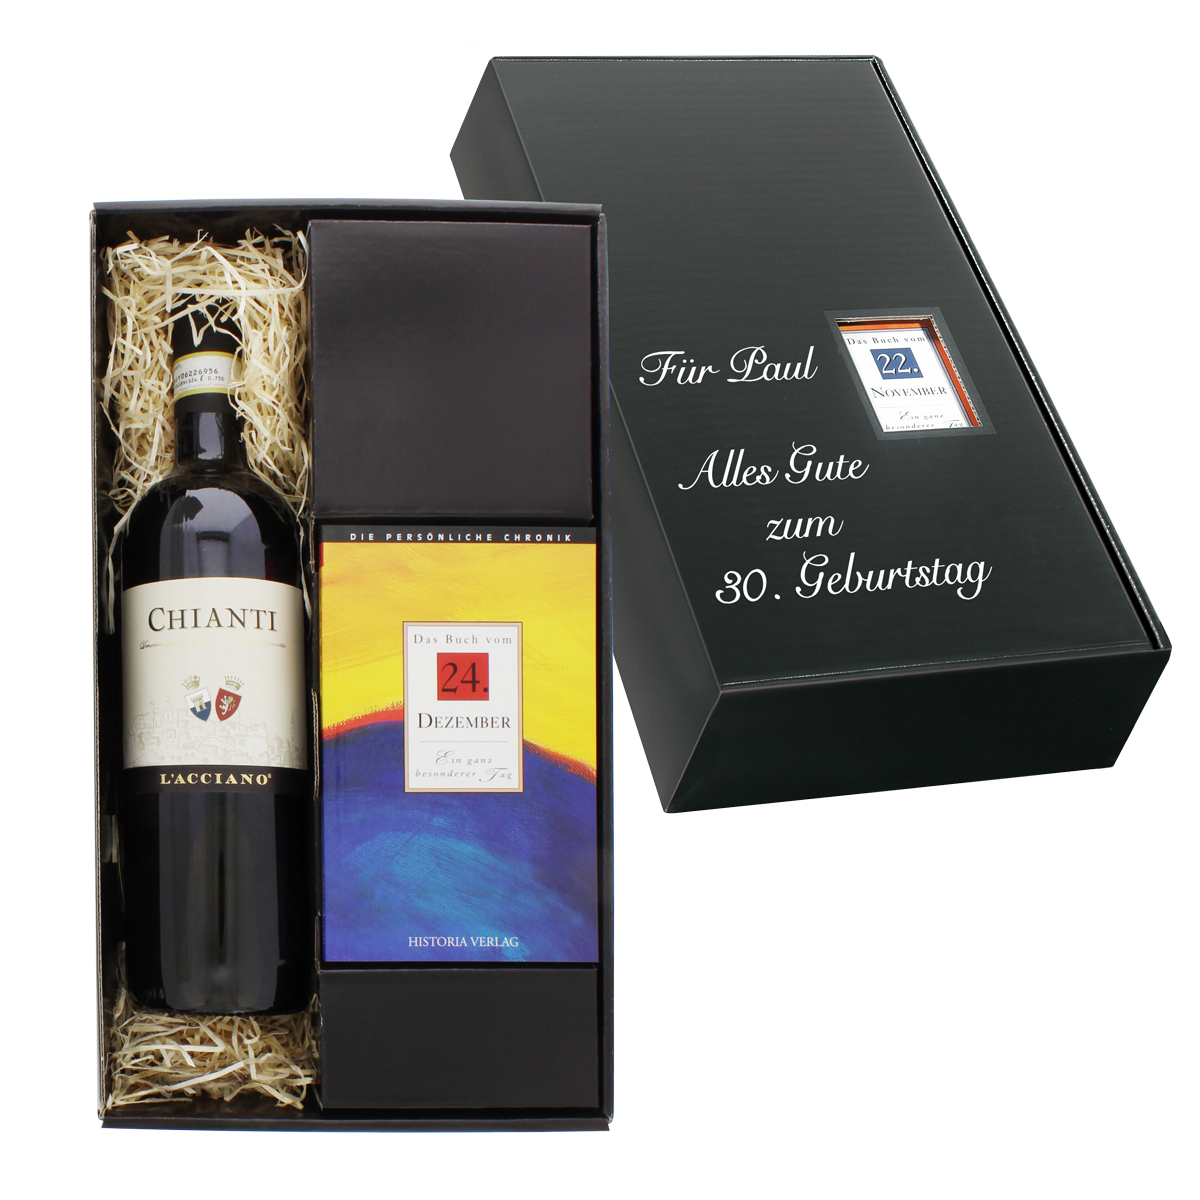 Italien-Set: Tageschronik vom 16. Oktober & Chianti-Wein